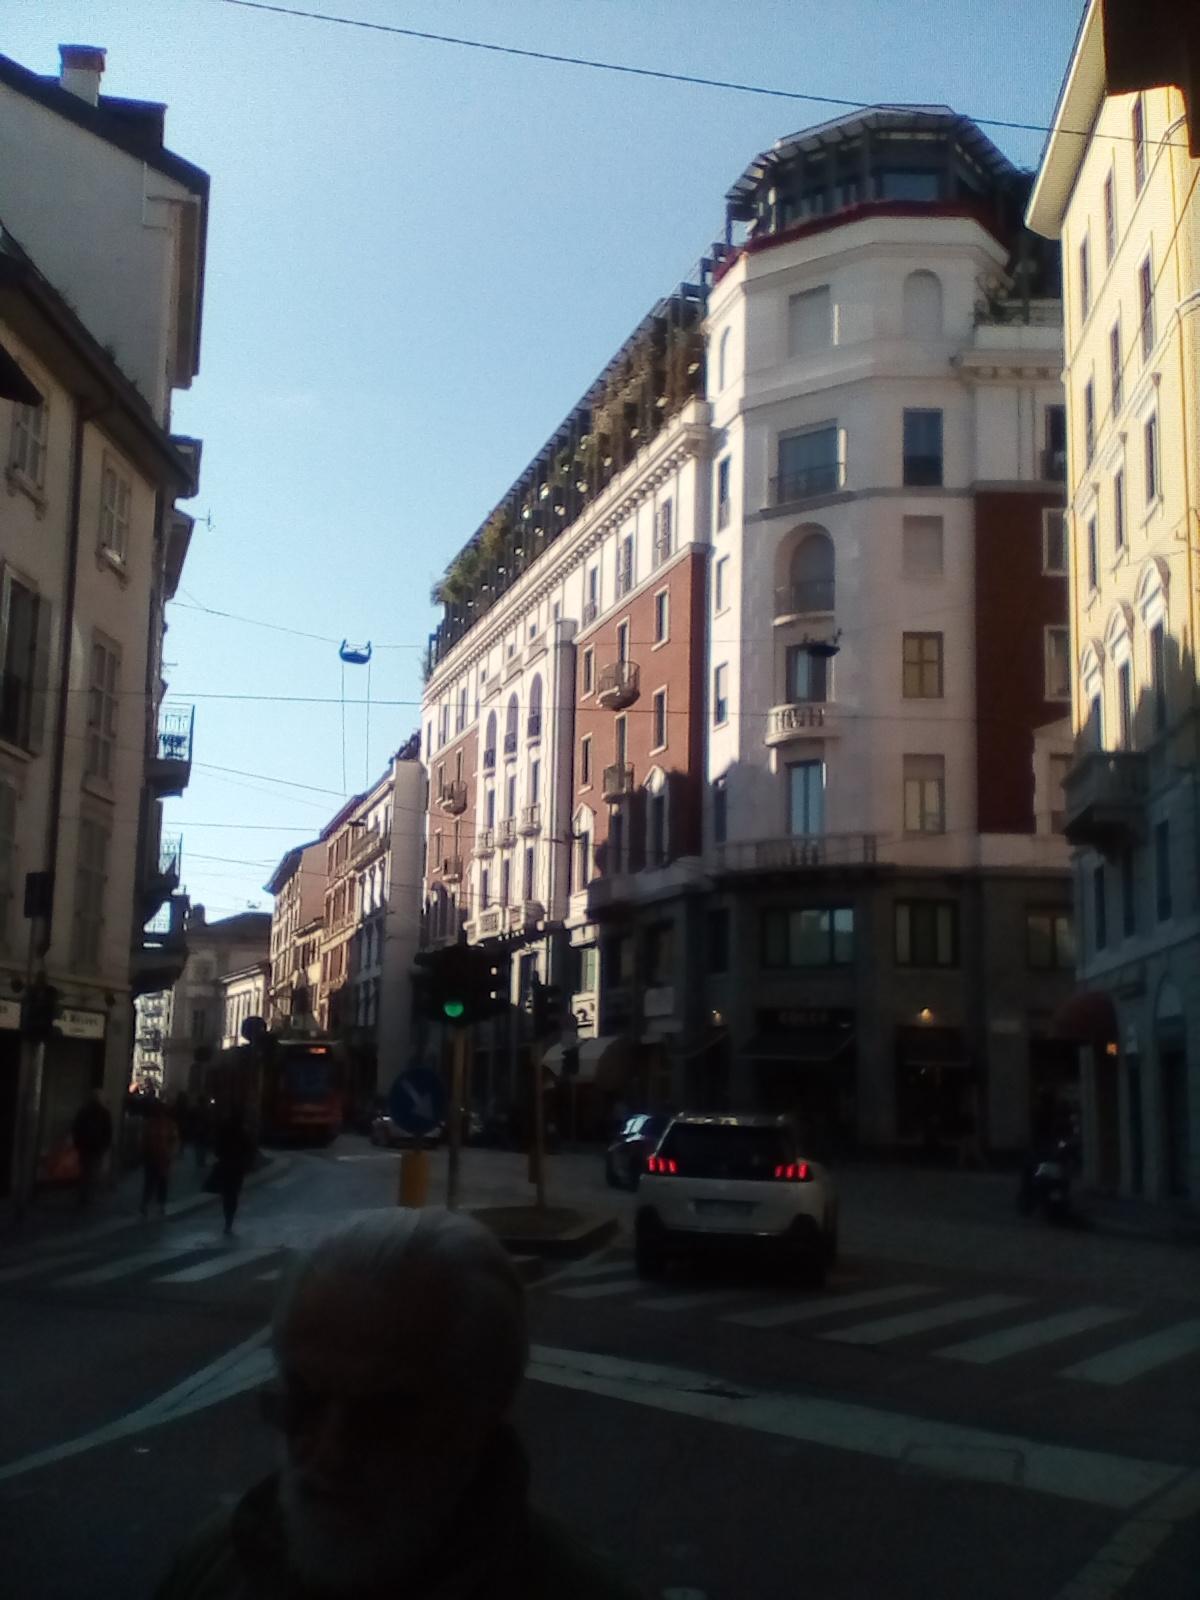 Milan 7/10/19